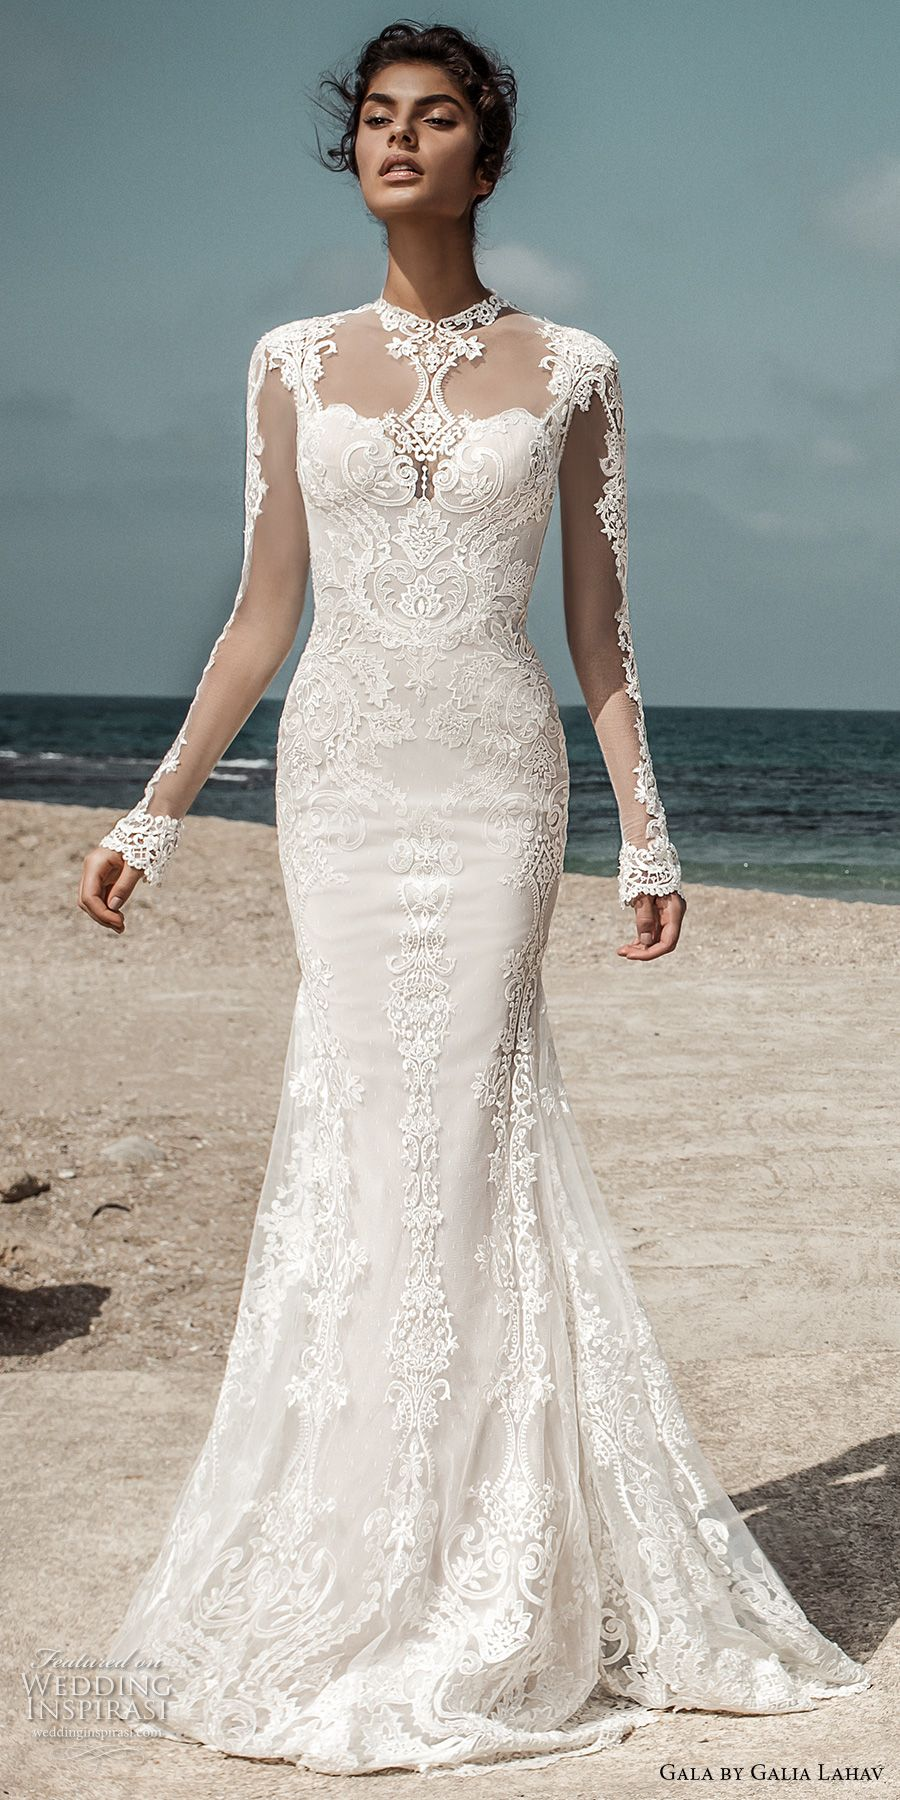 Gala By Galia Lahav 2017 Wedding Dresses Bridal Collection No Iii Wedding Inspirasi Wedding Dresses Bridal Dresses Wedding Dresses Lace